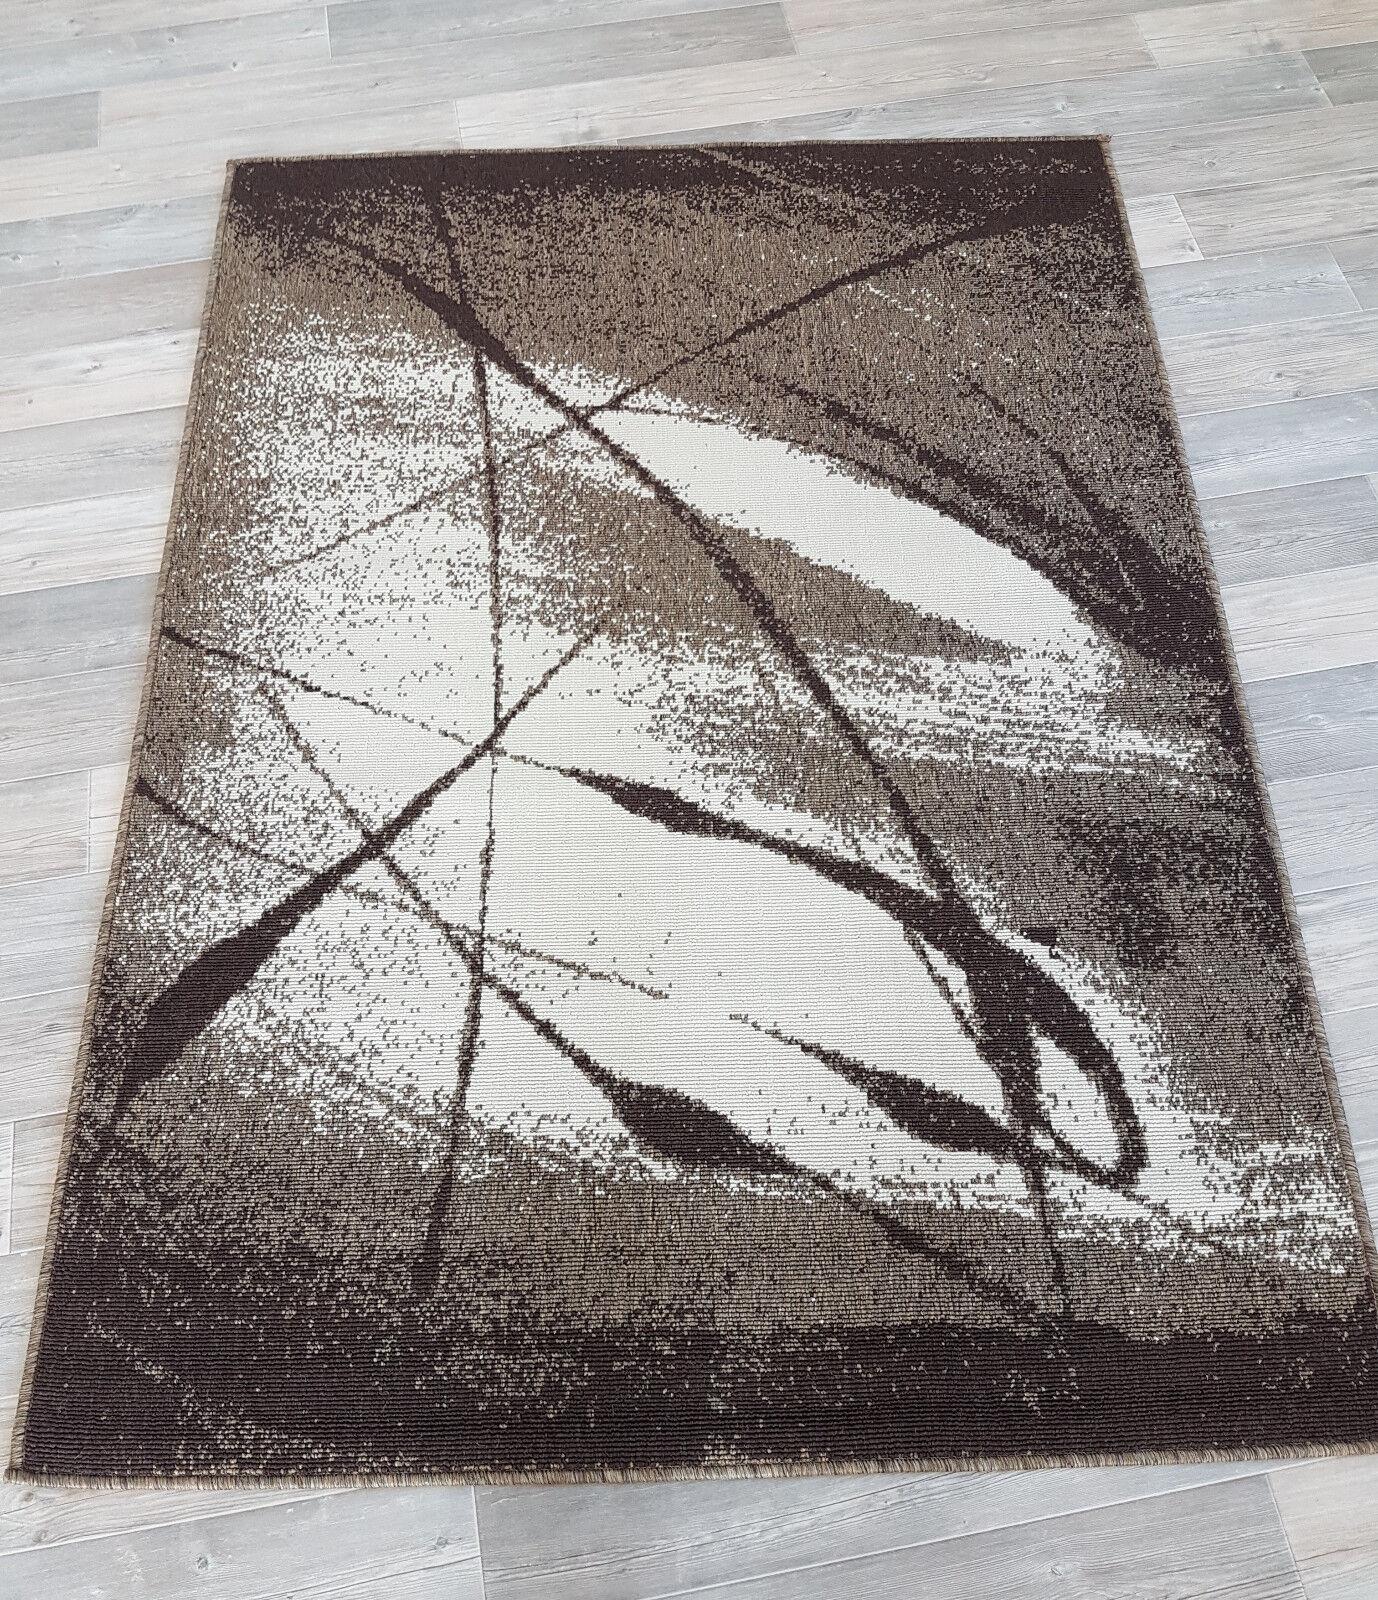 Farbeado Teppich creme braun 67x135 80x150 120x170 160x230 Florhöhe Florhöhe Florhöhe 30mm 8100 | Spielen Sie auf der ganzen Welt und verhindern Sie, dass Ihre Kinder einsam sind  d4d4dc